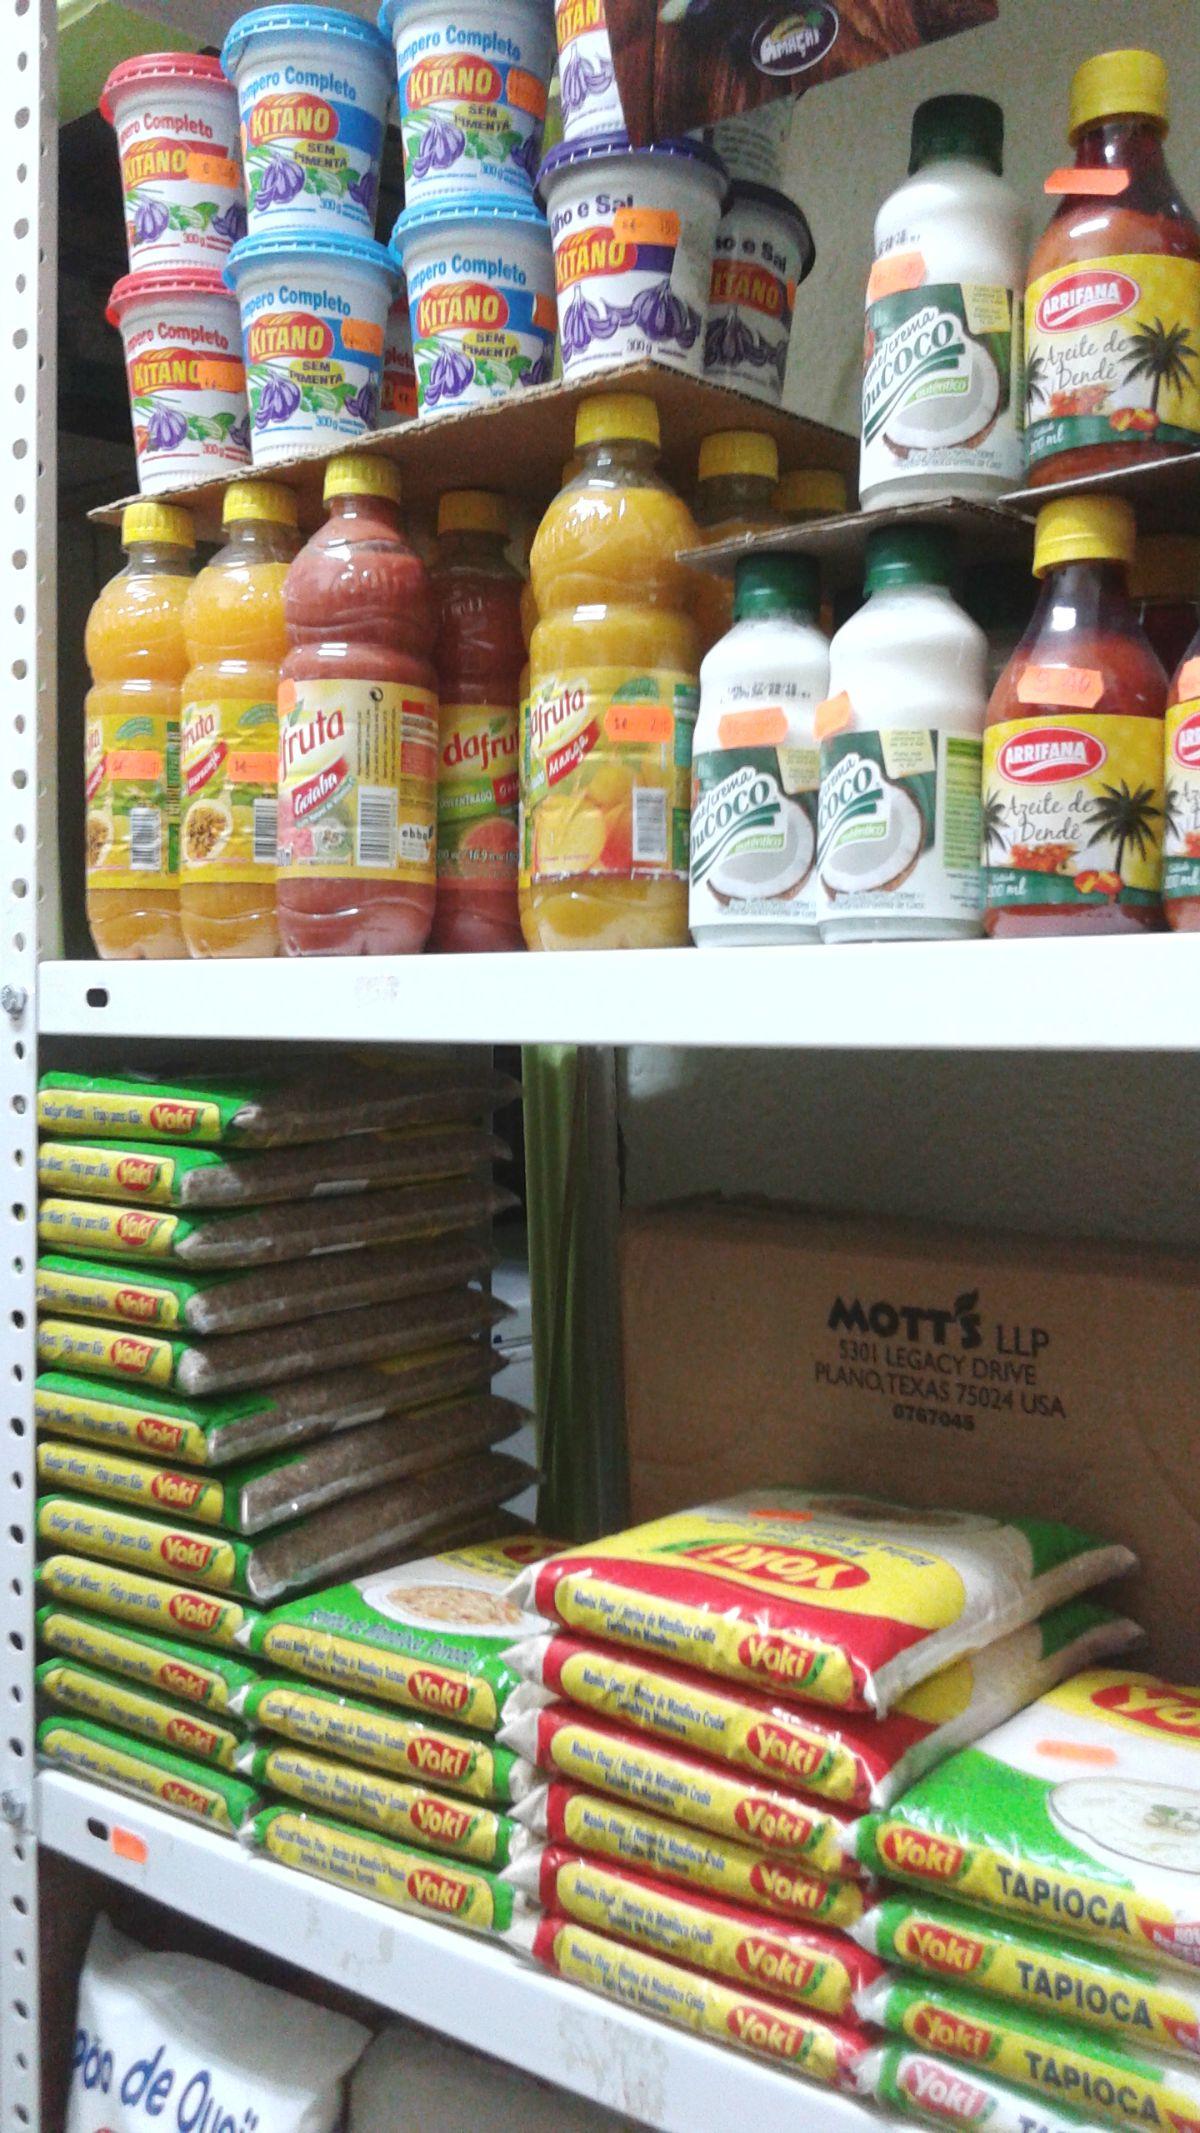 produtos_brasileiros_em_madrid_7